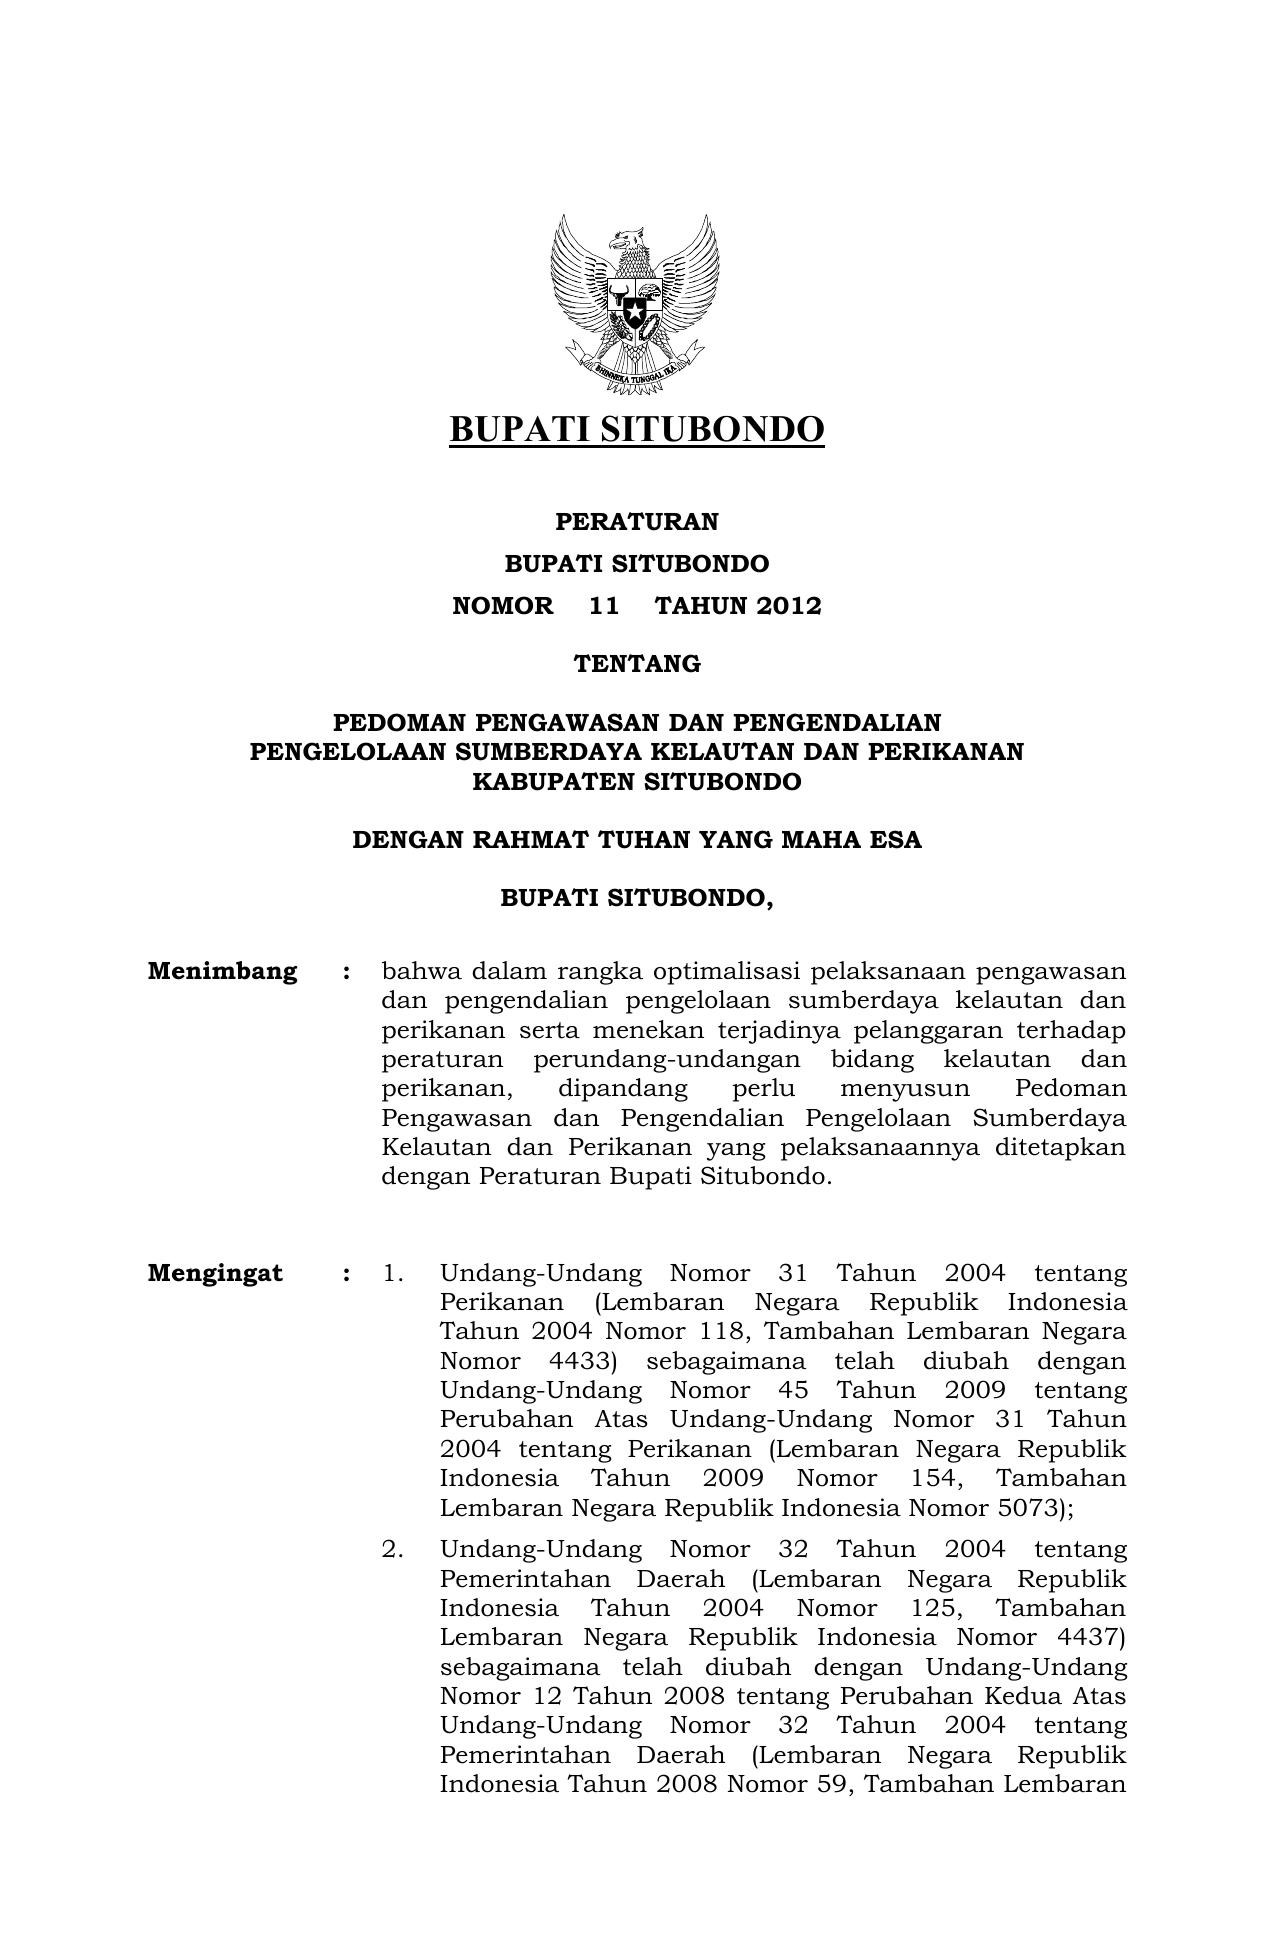 Surat Keputusan Jdih Kabupaten Situbondo